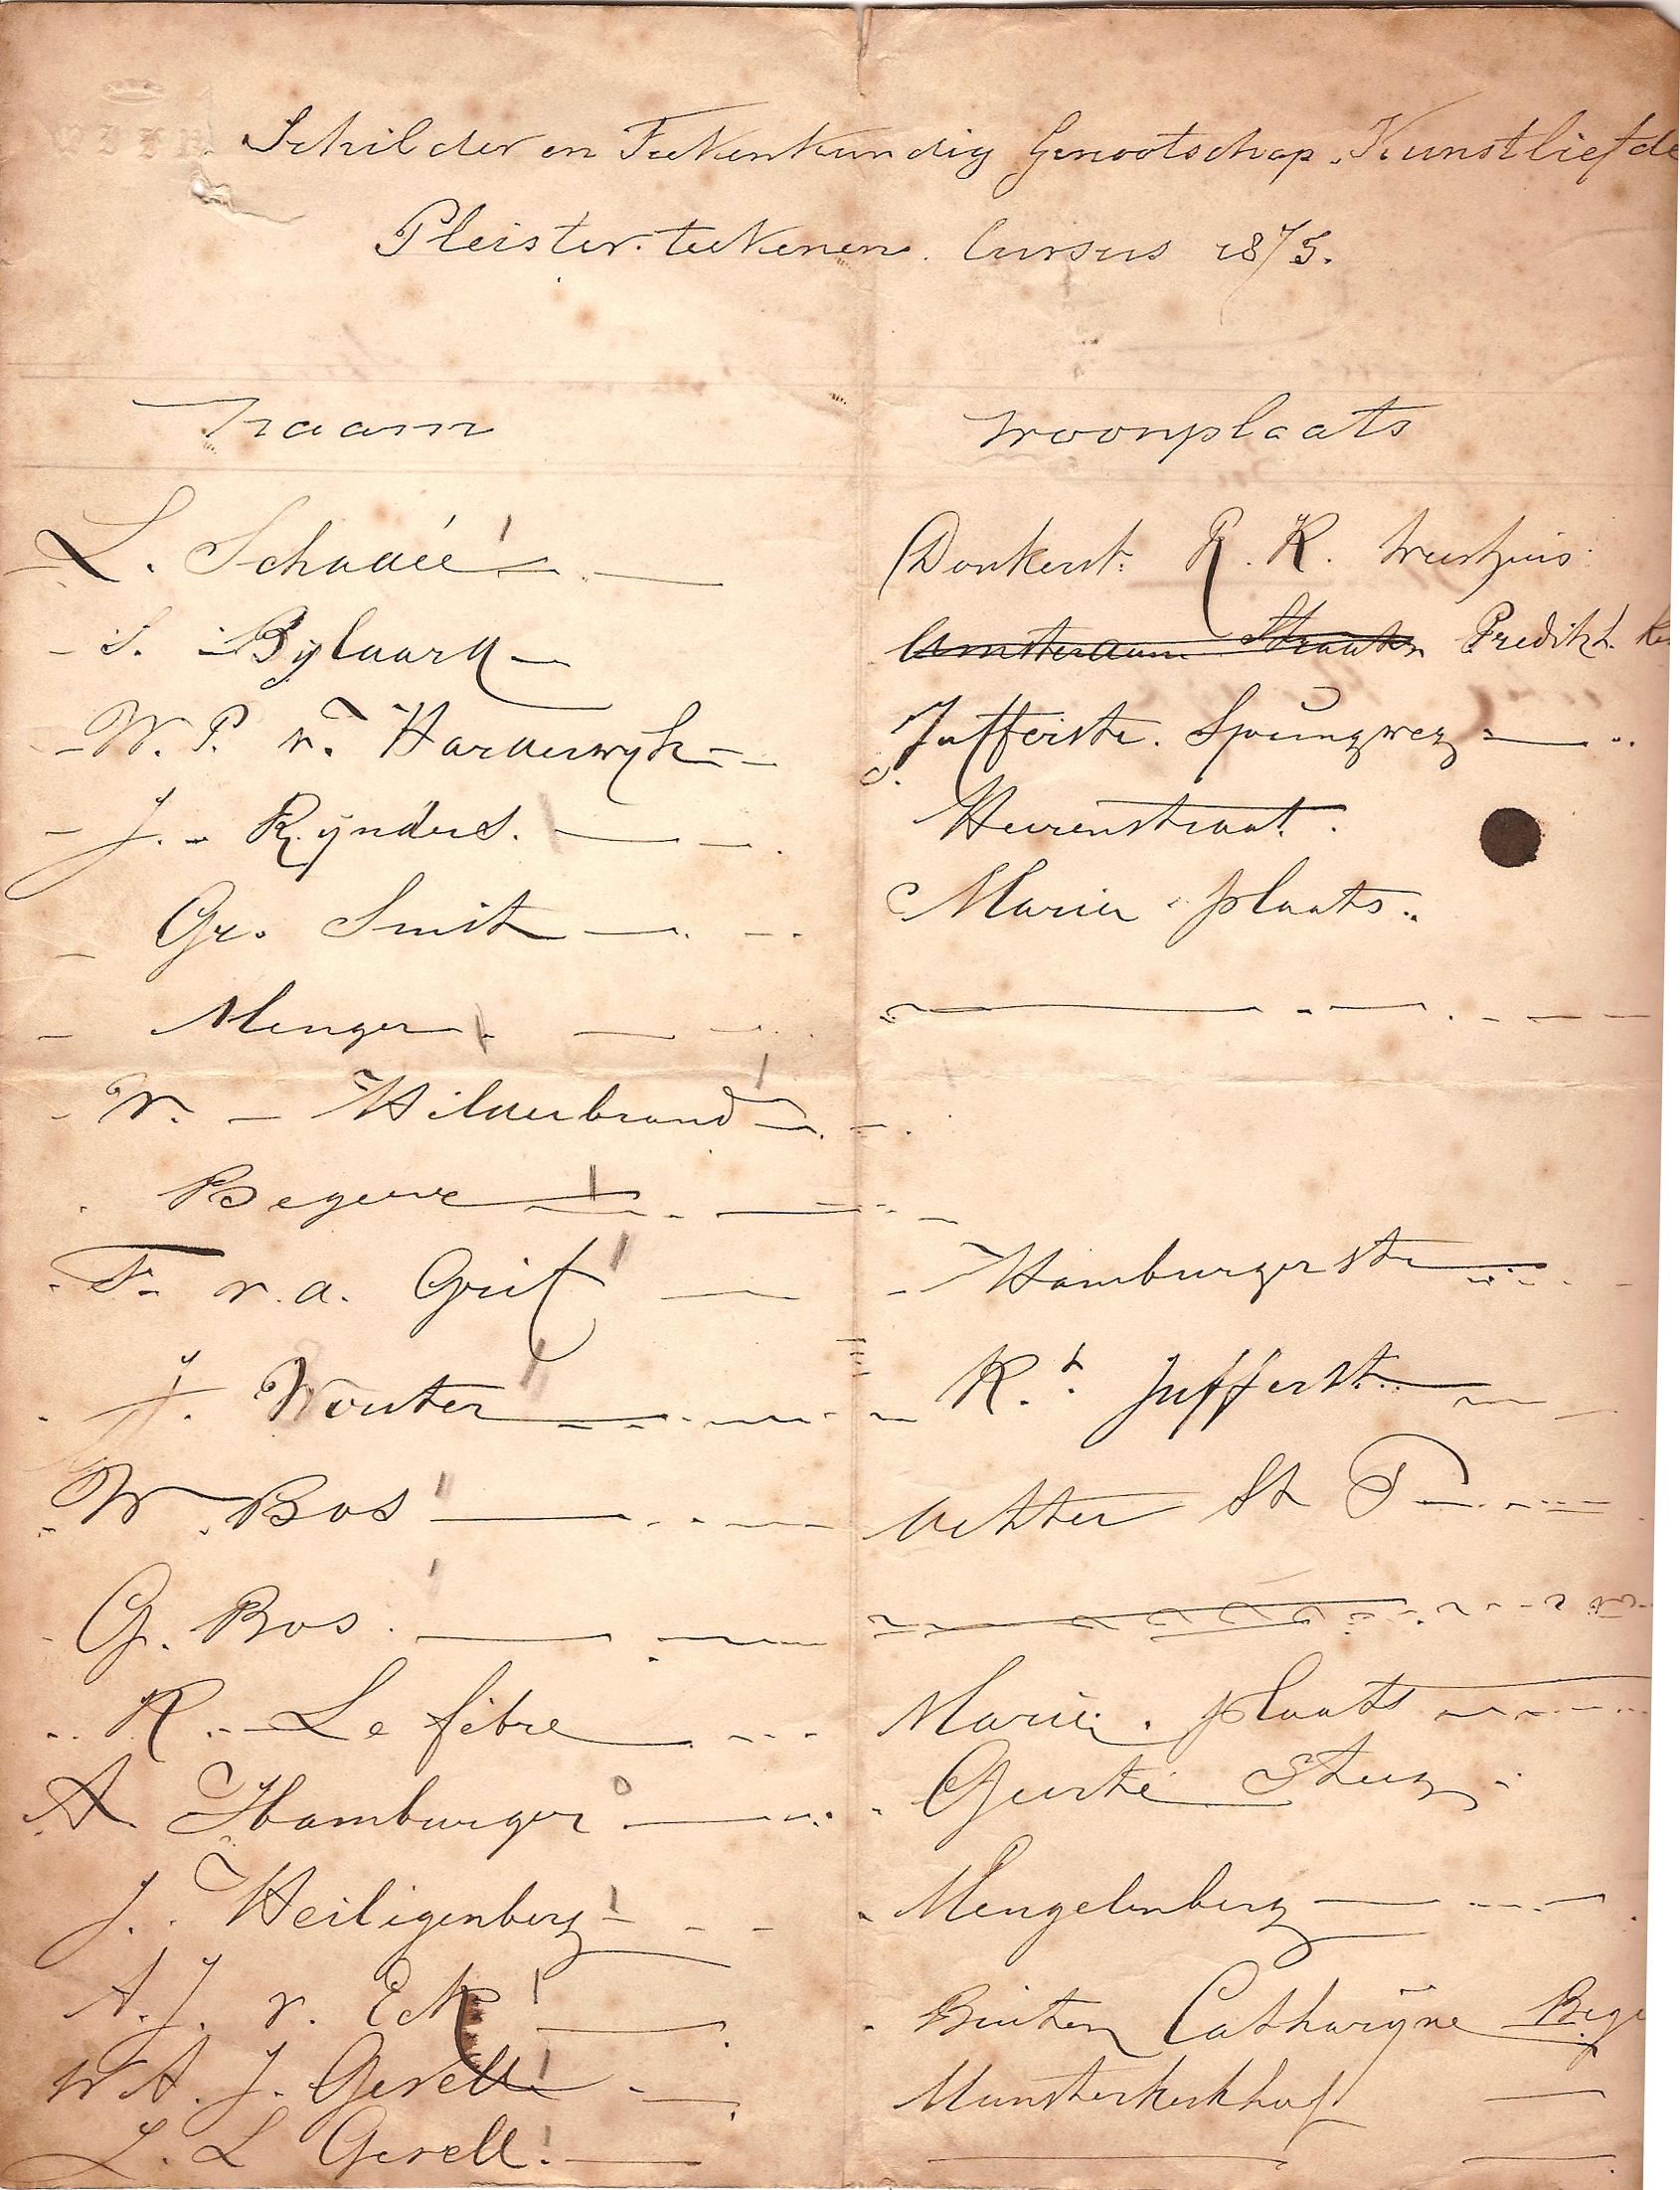 Pleistertekencursus 1875